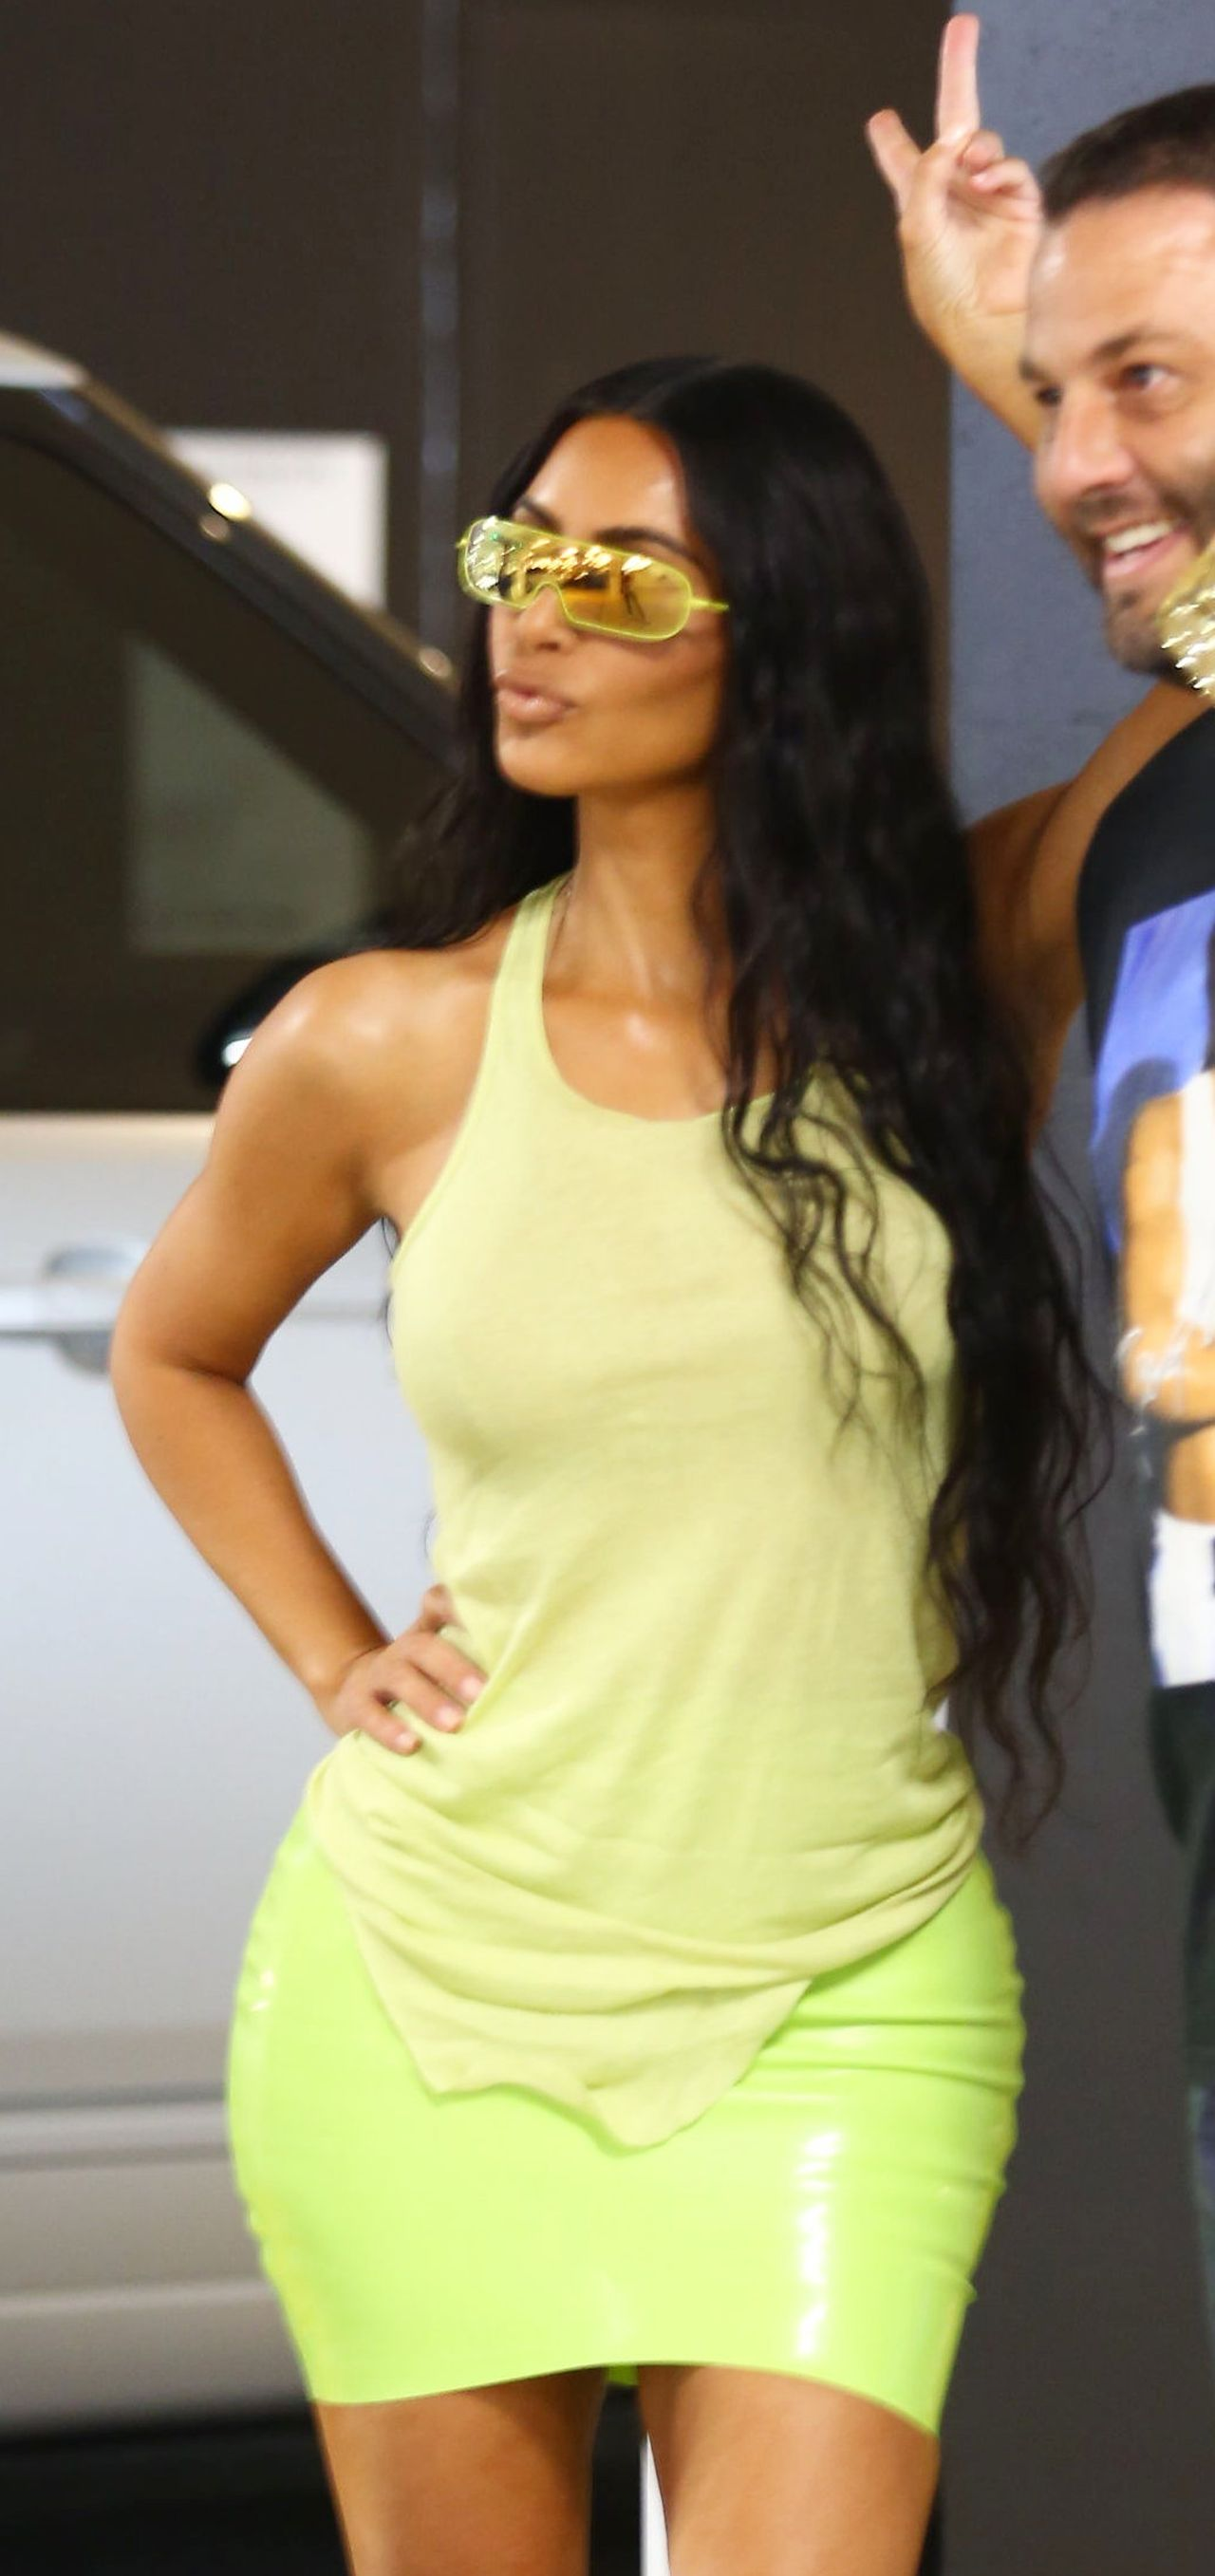 Tak wyglądała pupa Kim Kardashian przed OPERACJAMI